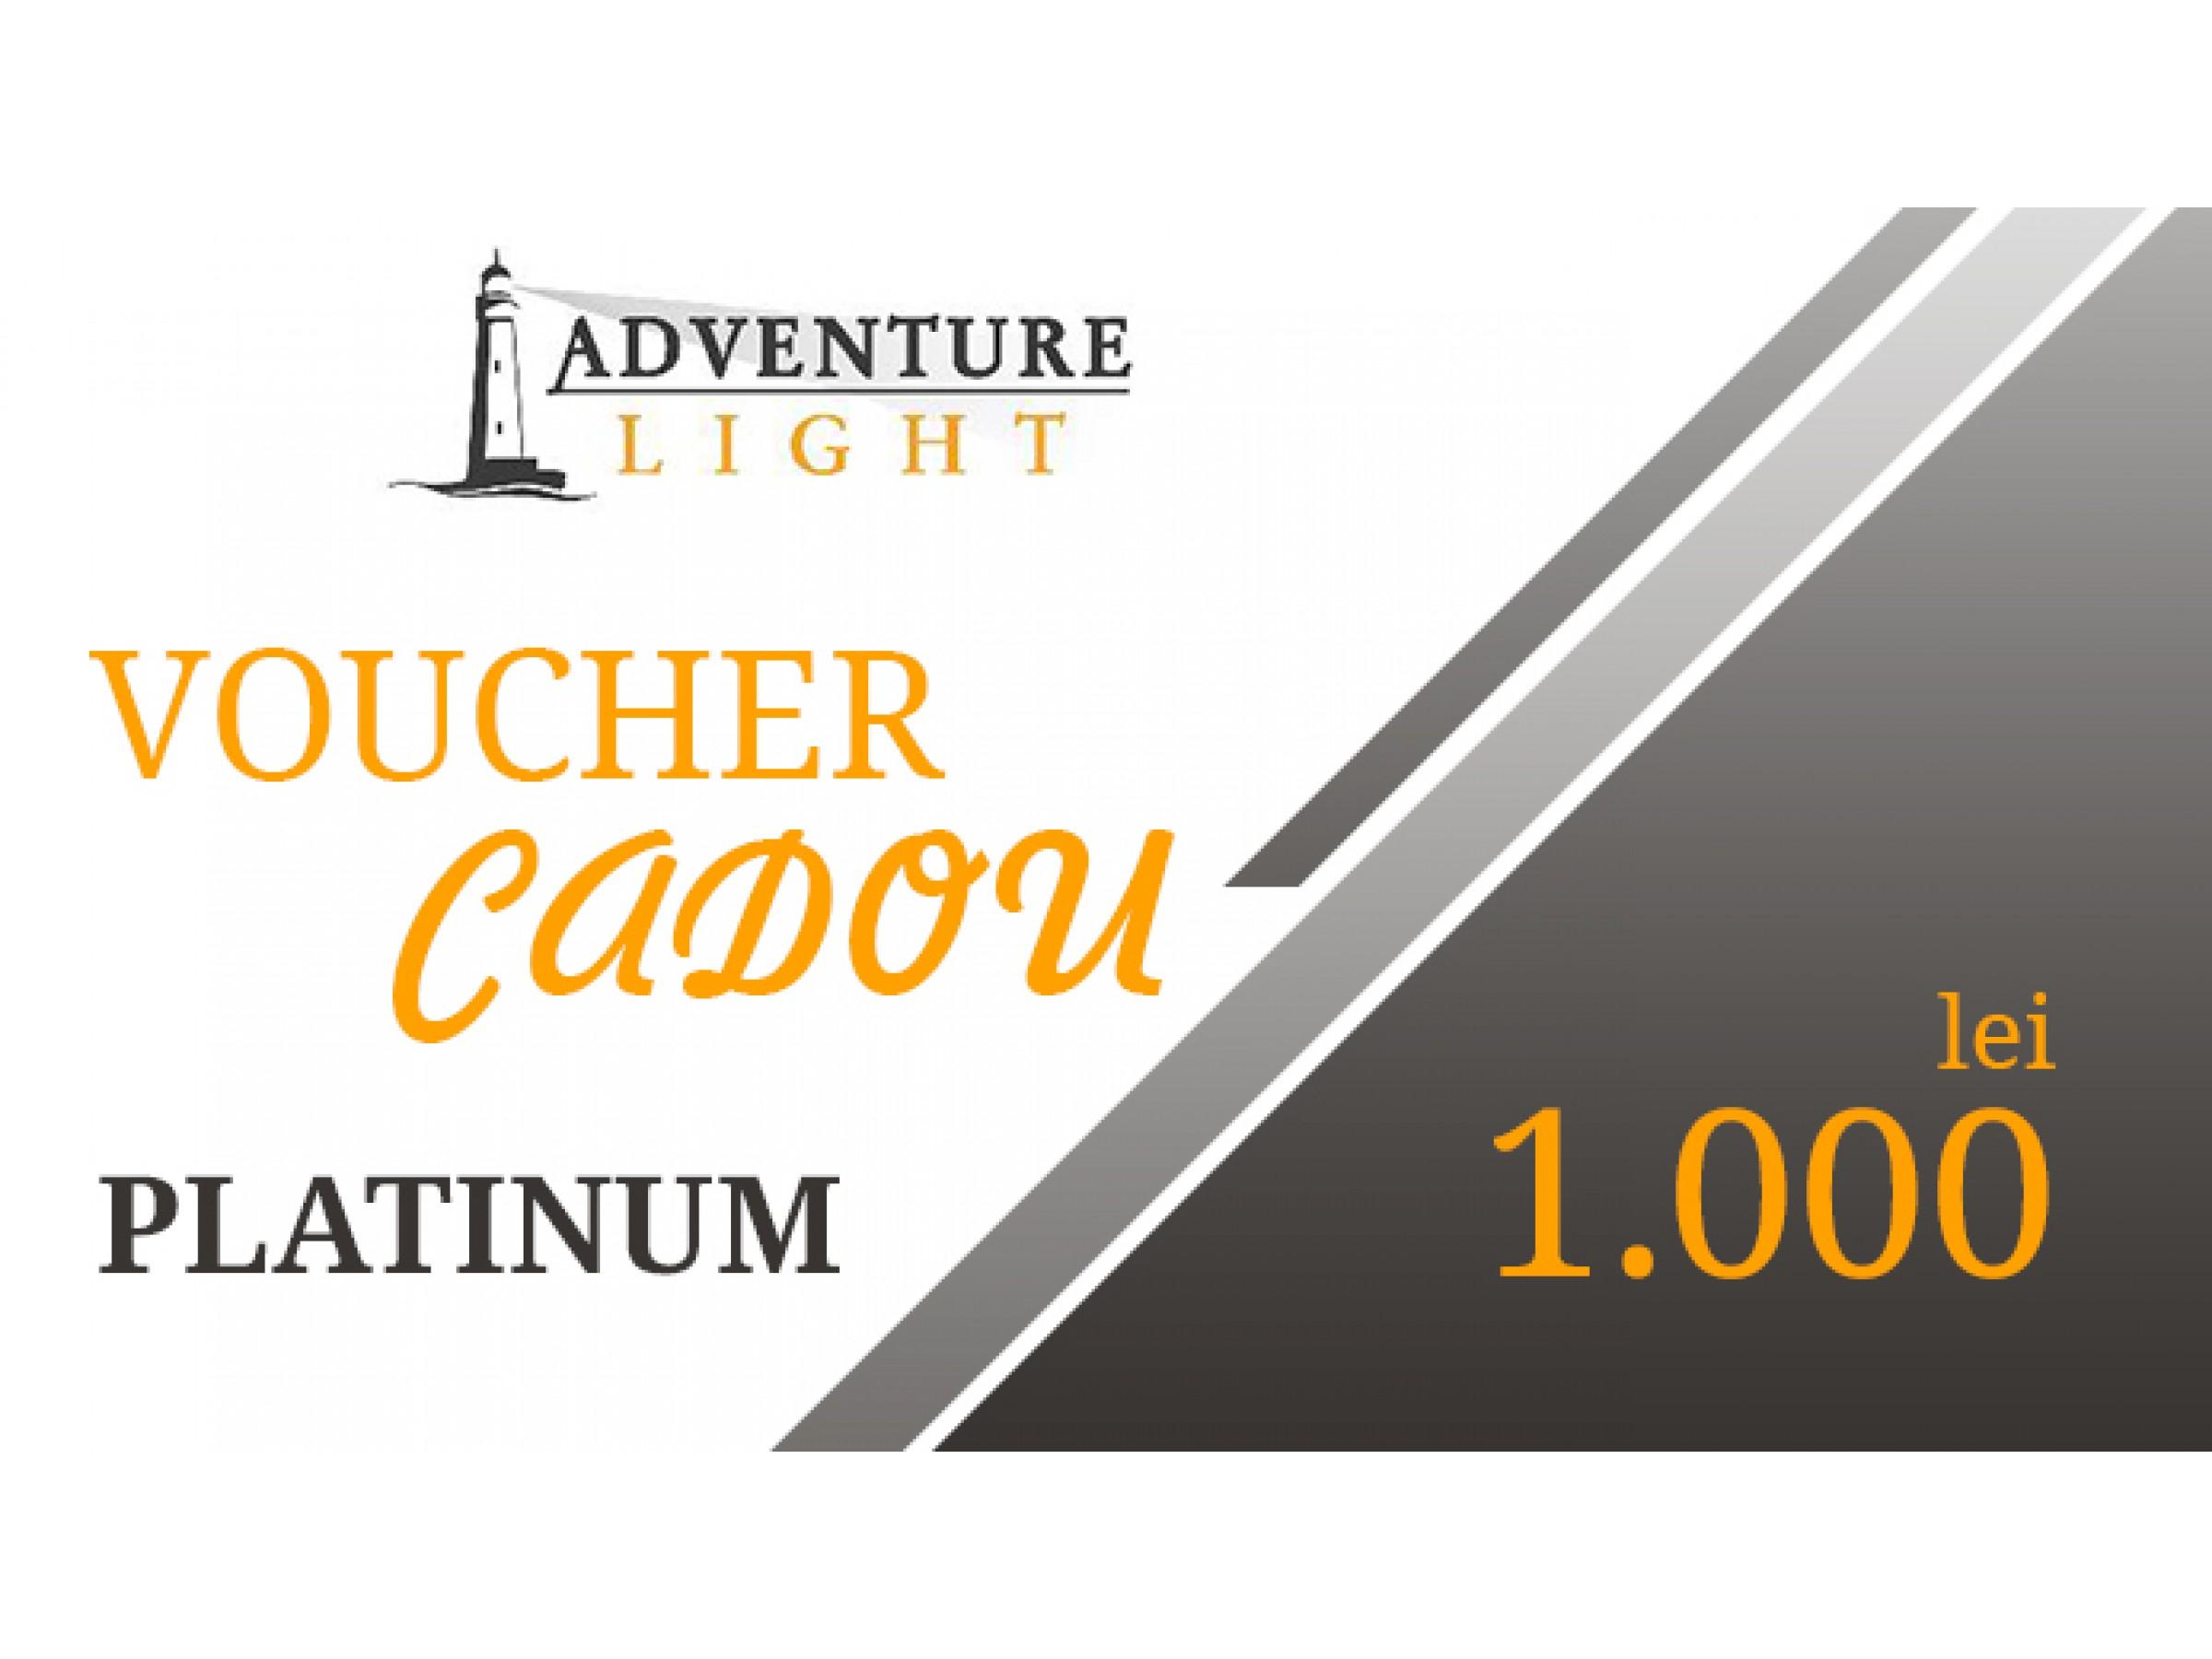 Voucher Cadou - PLATINUM